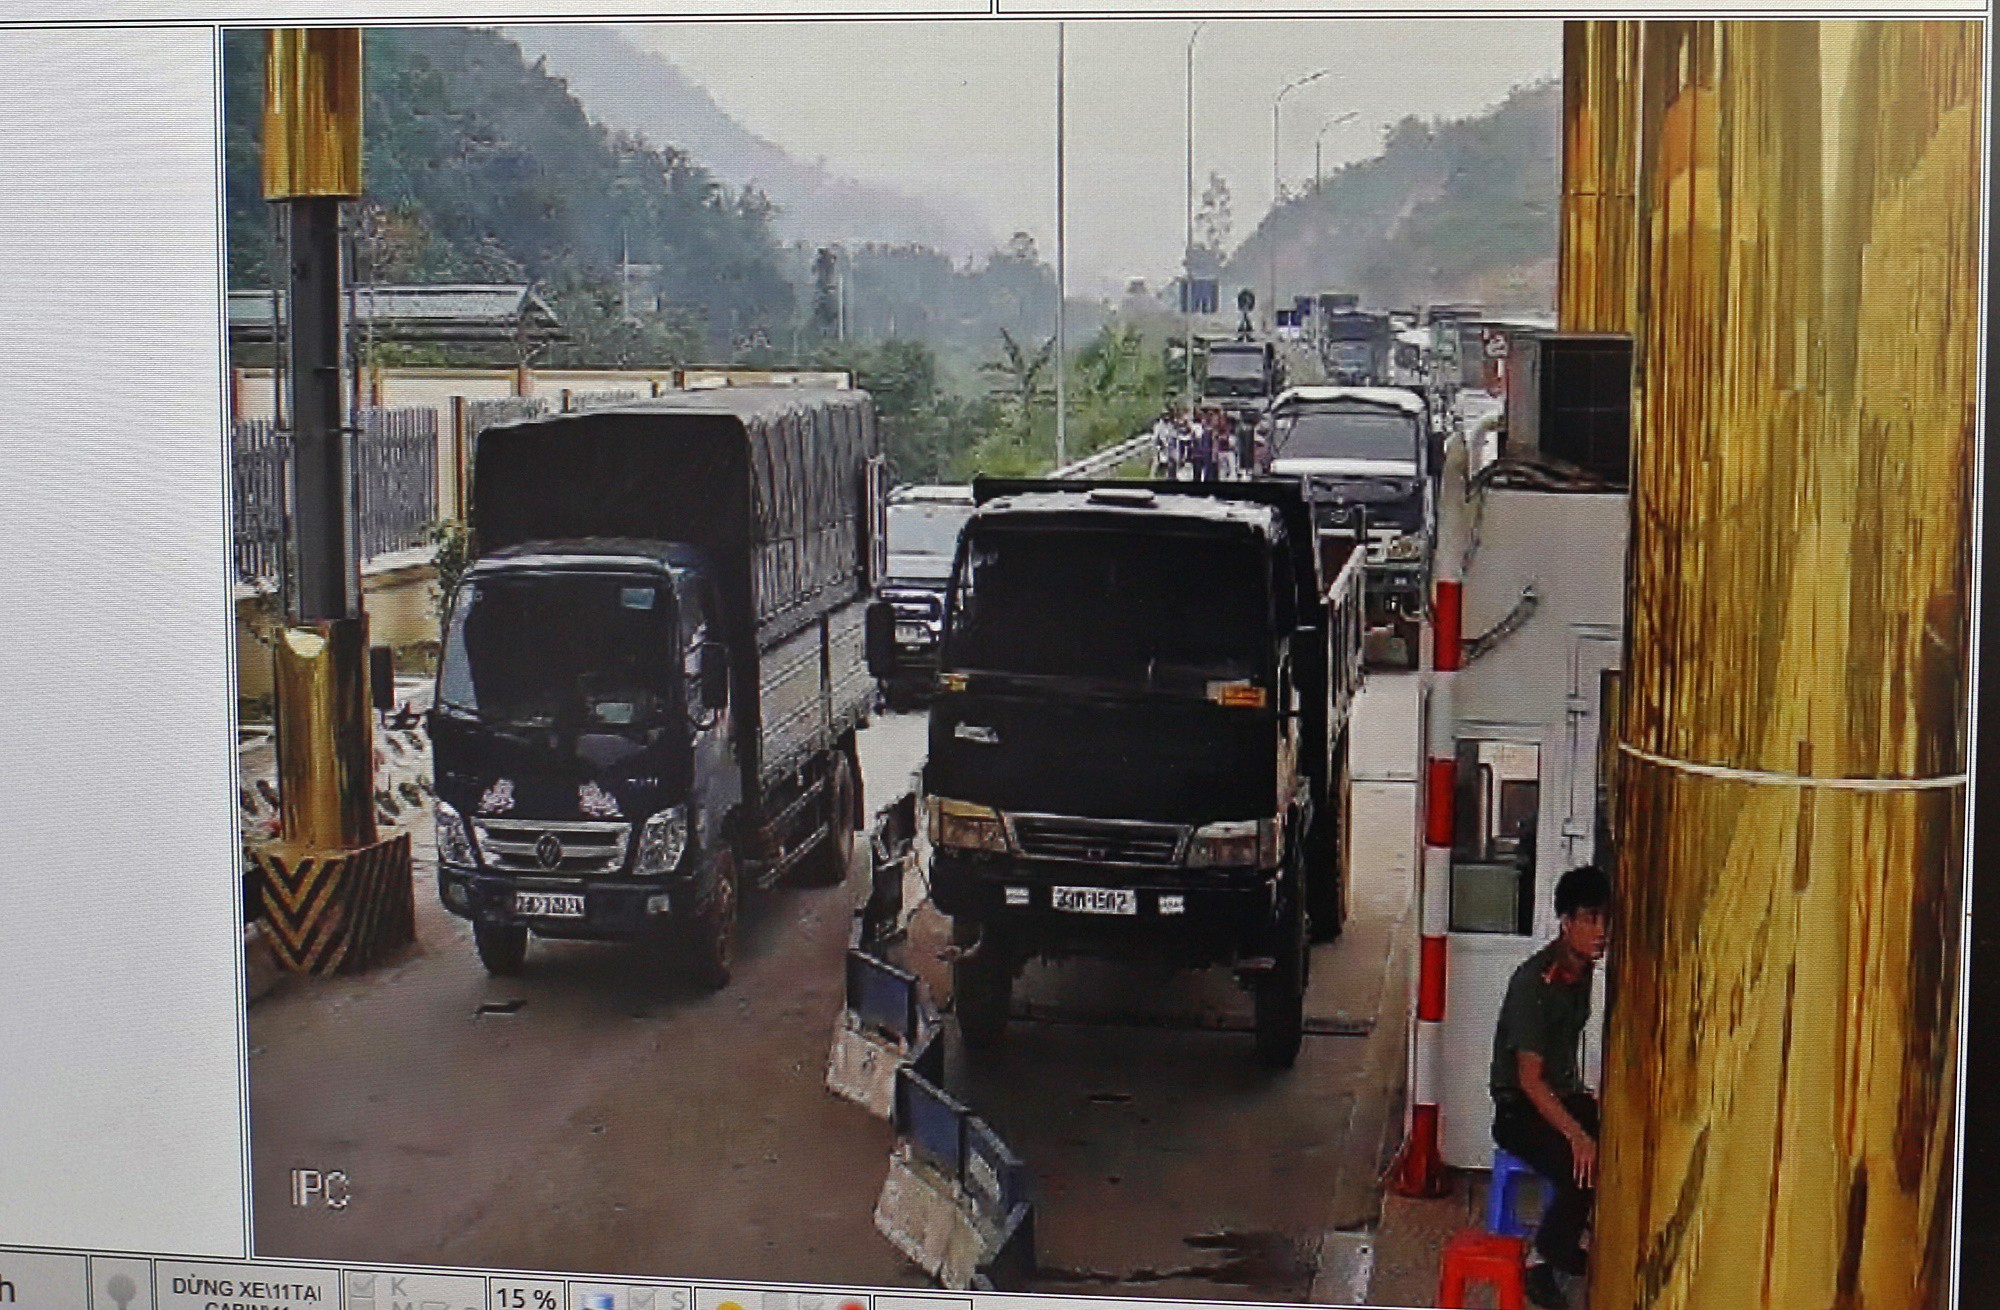 Tài xế khổ sở xếp hàng chờ, khách xuống xe đi bộ vì làn thu phí BOT Hòa Lạc - Hòa Bình bị chặn - Ảnh 8.